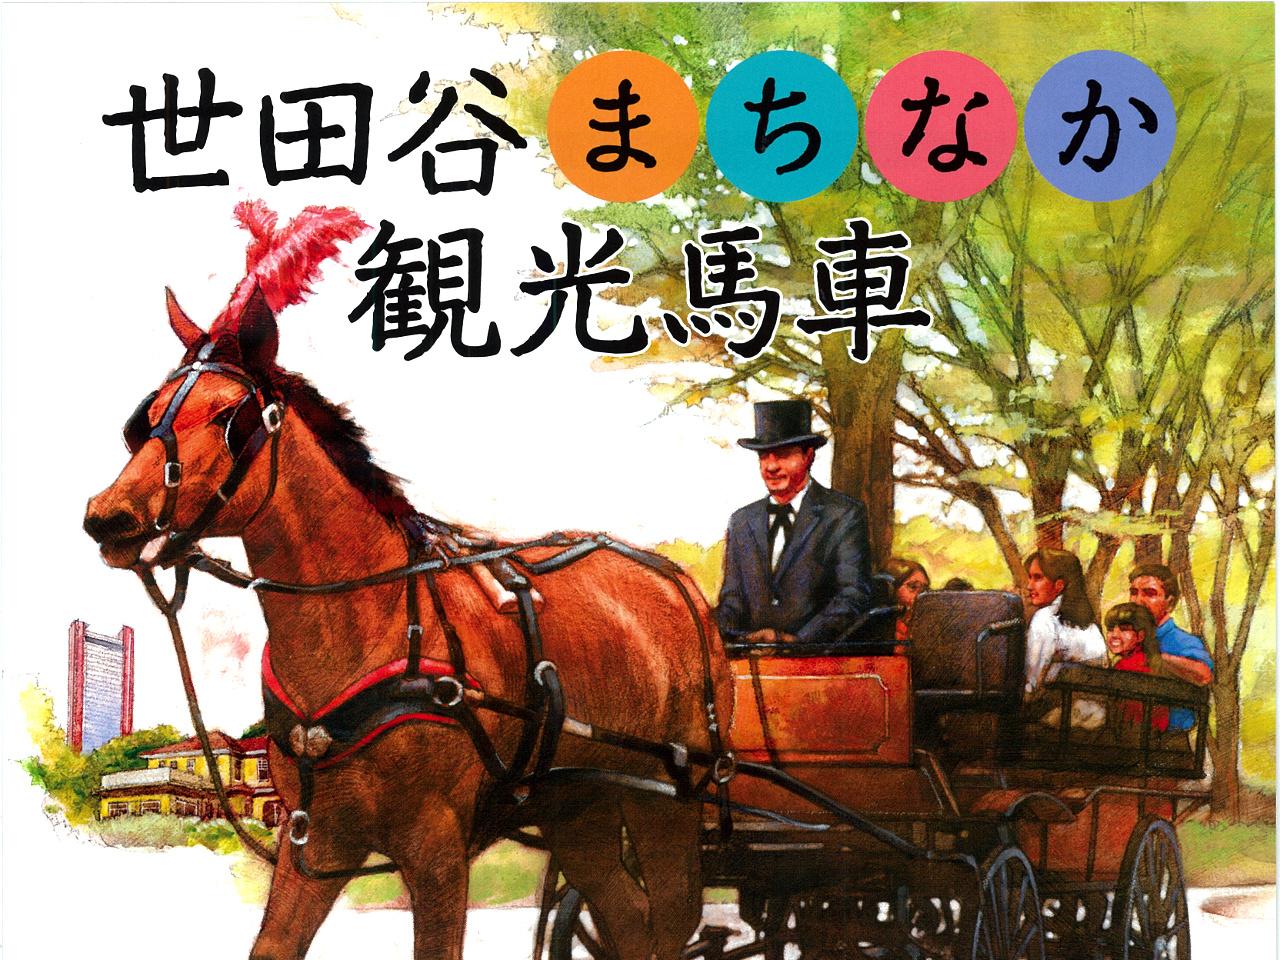 世田谷まちなか観光馬車2019運行日程申込方法アイキャチ1280